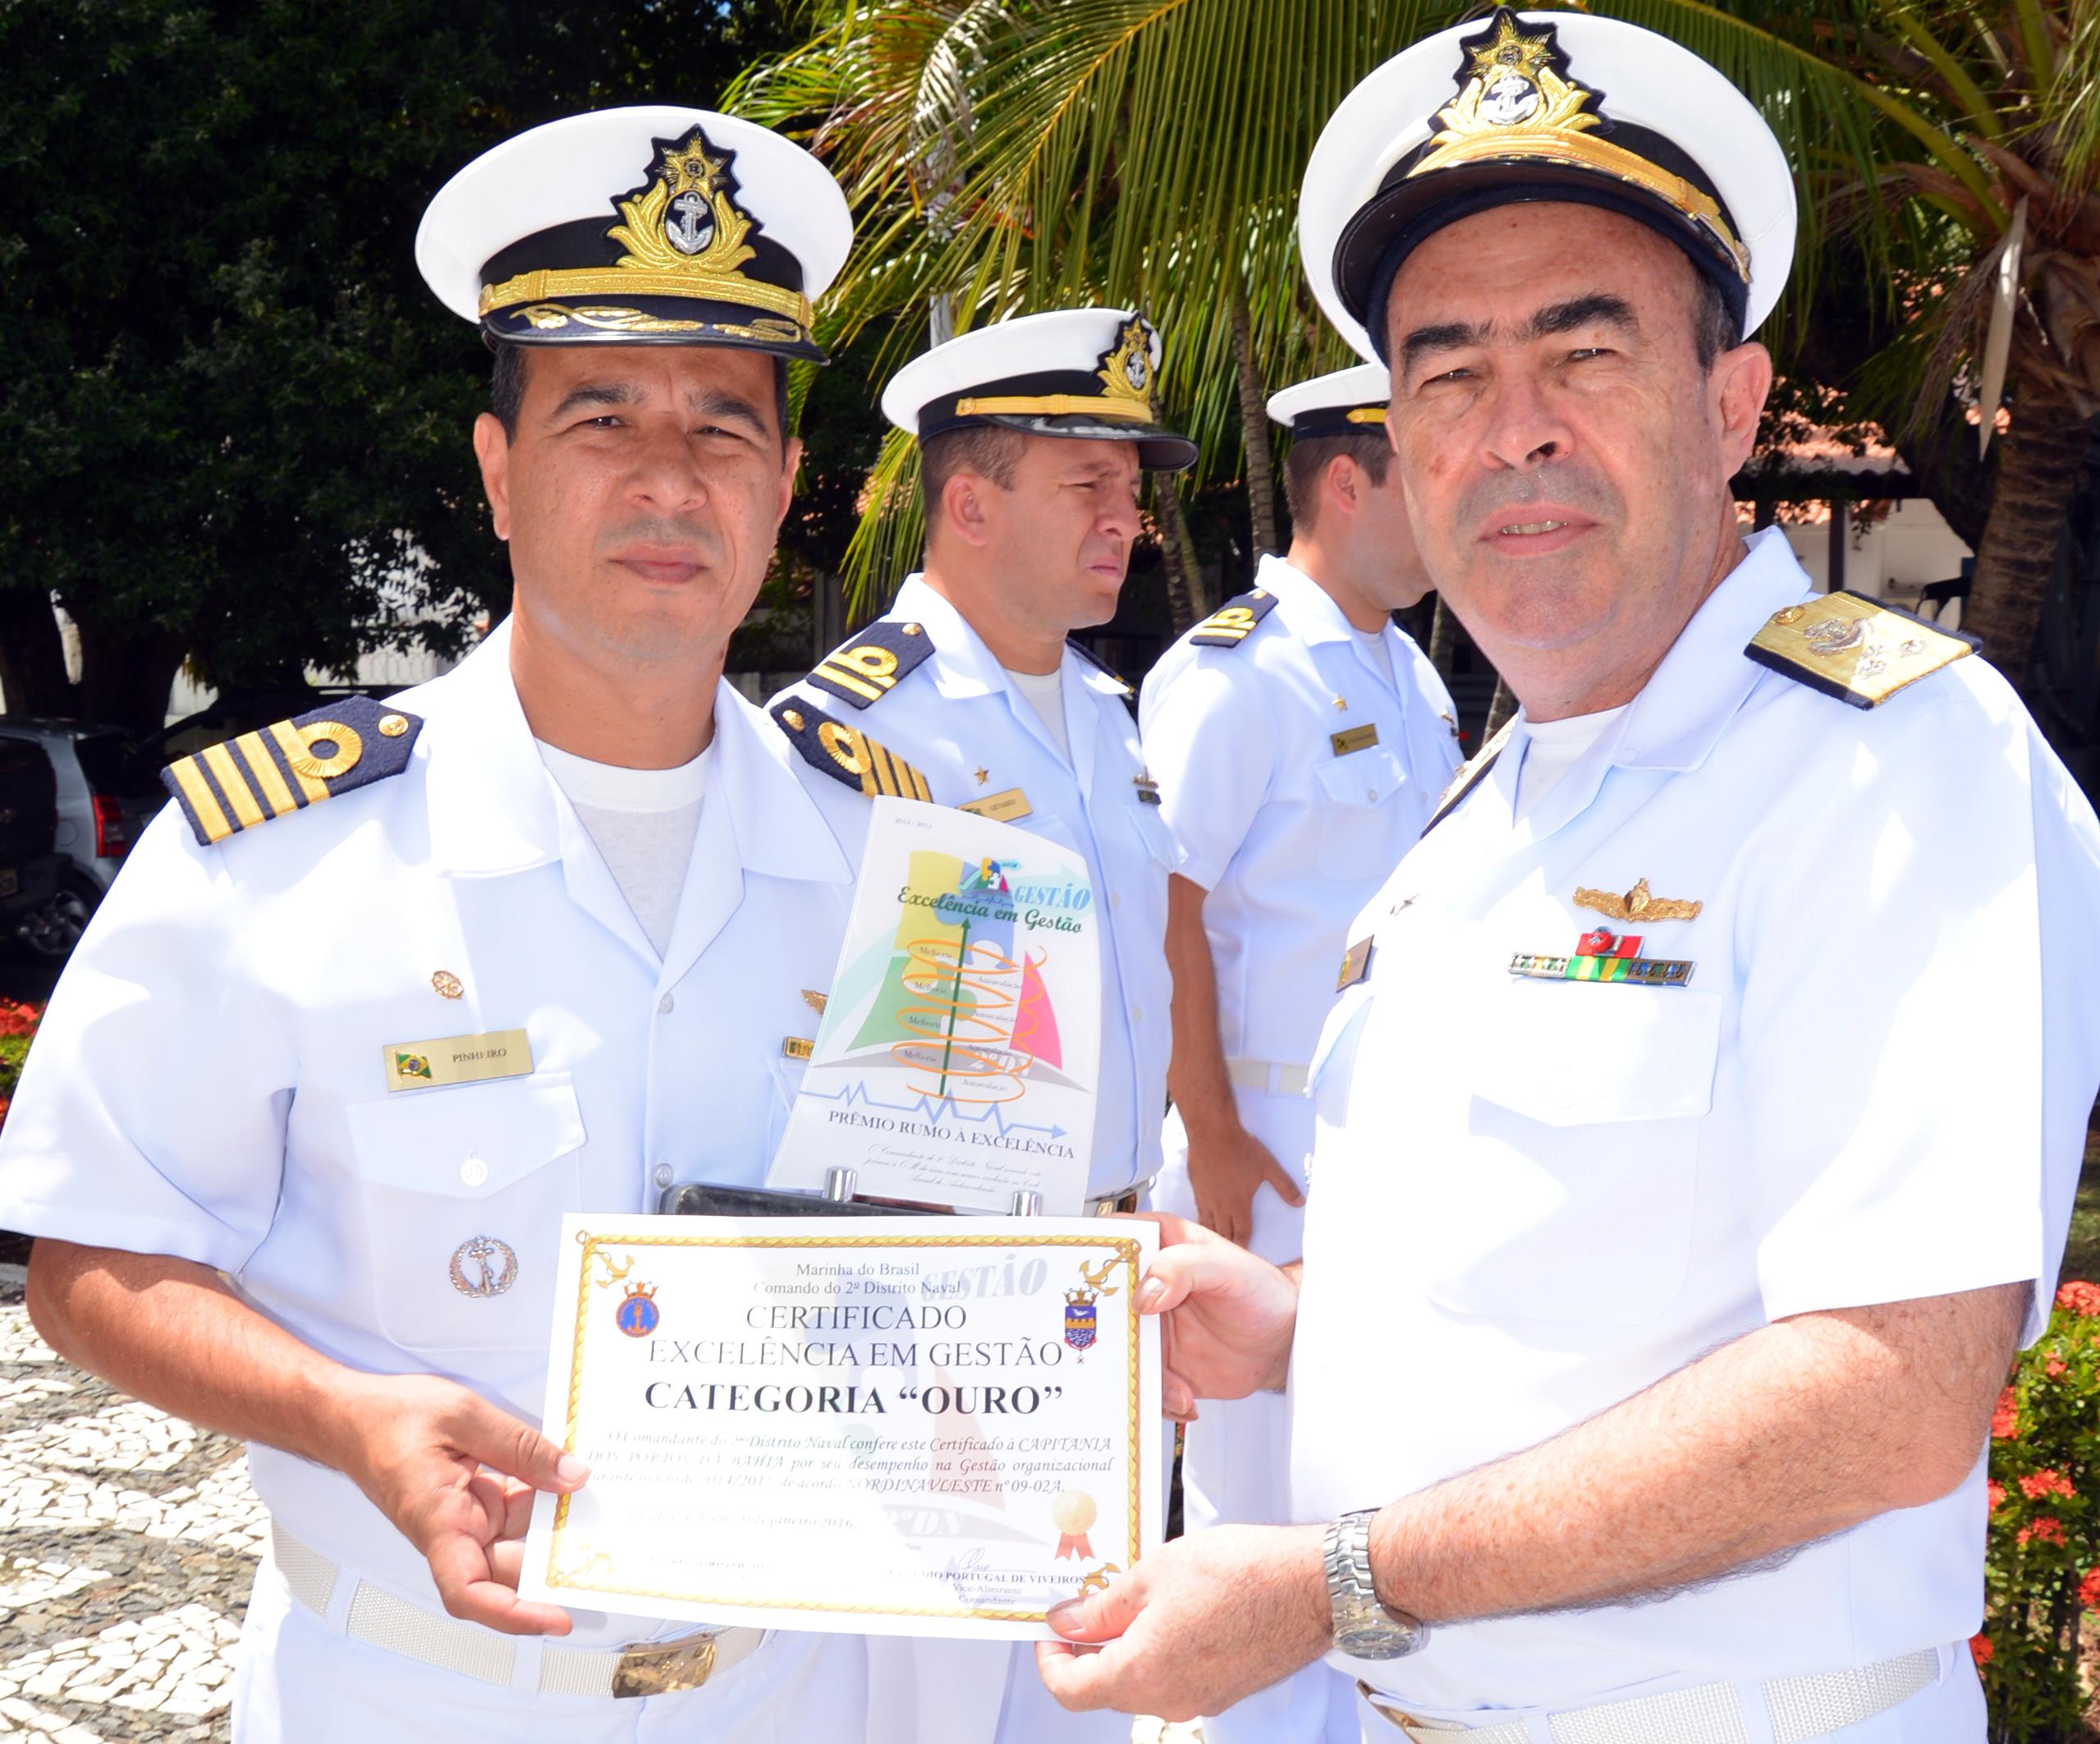 Capitania dos Portos da Bahia recebe o Prêmio Rumo à Excelência